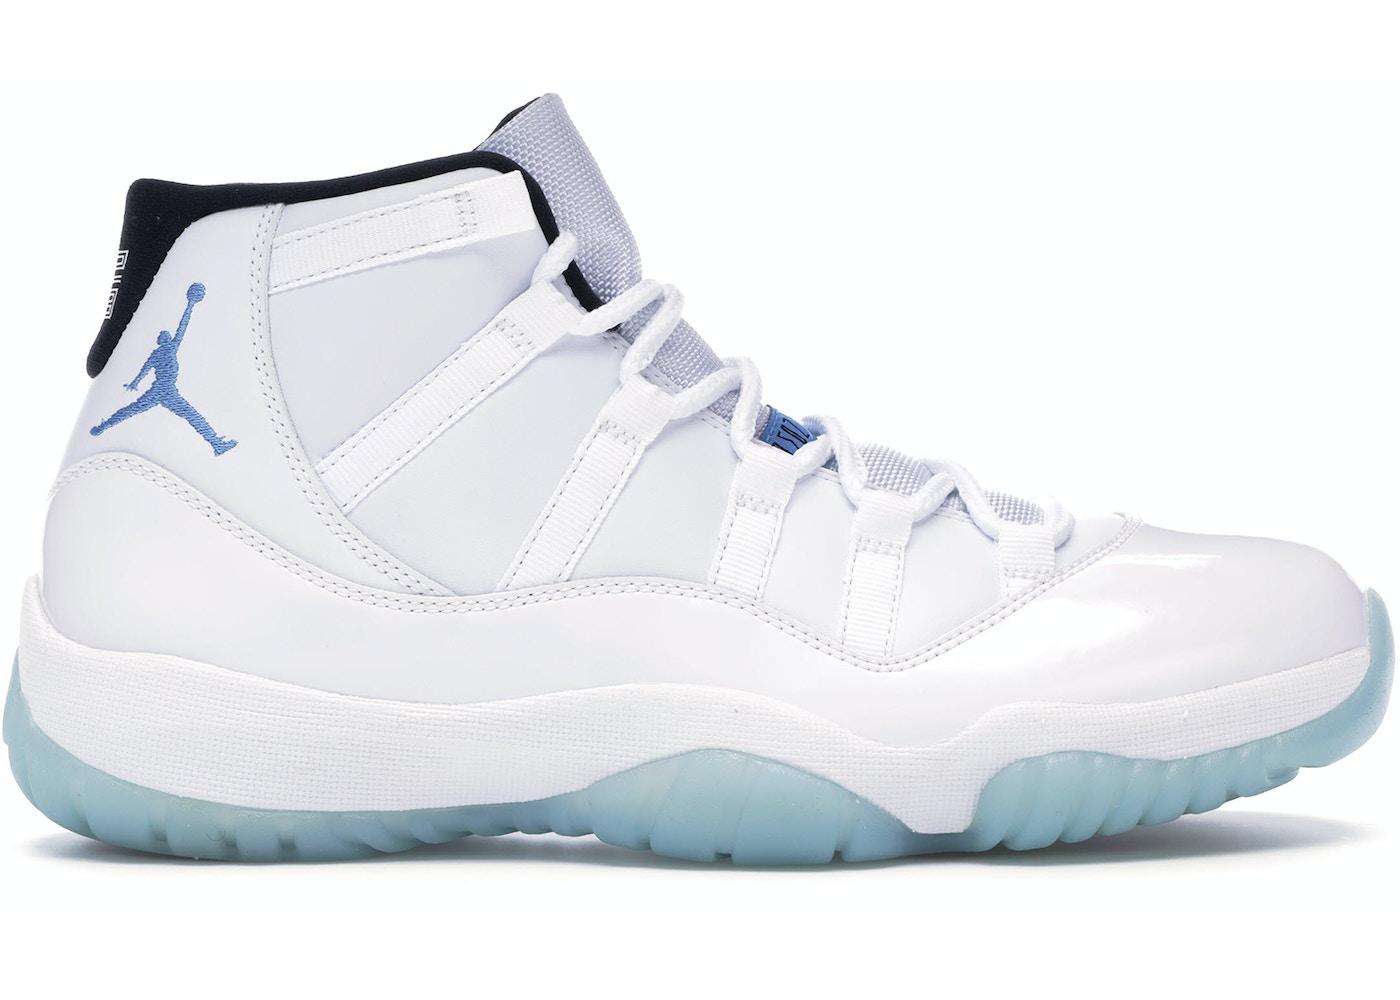 buy popular 4e631 4e4cc Jordan 11 Retro Legend Blue (2014) - 378037-117